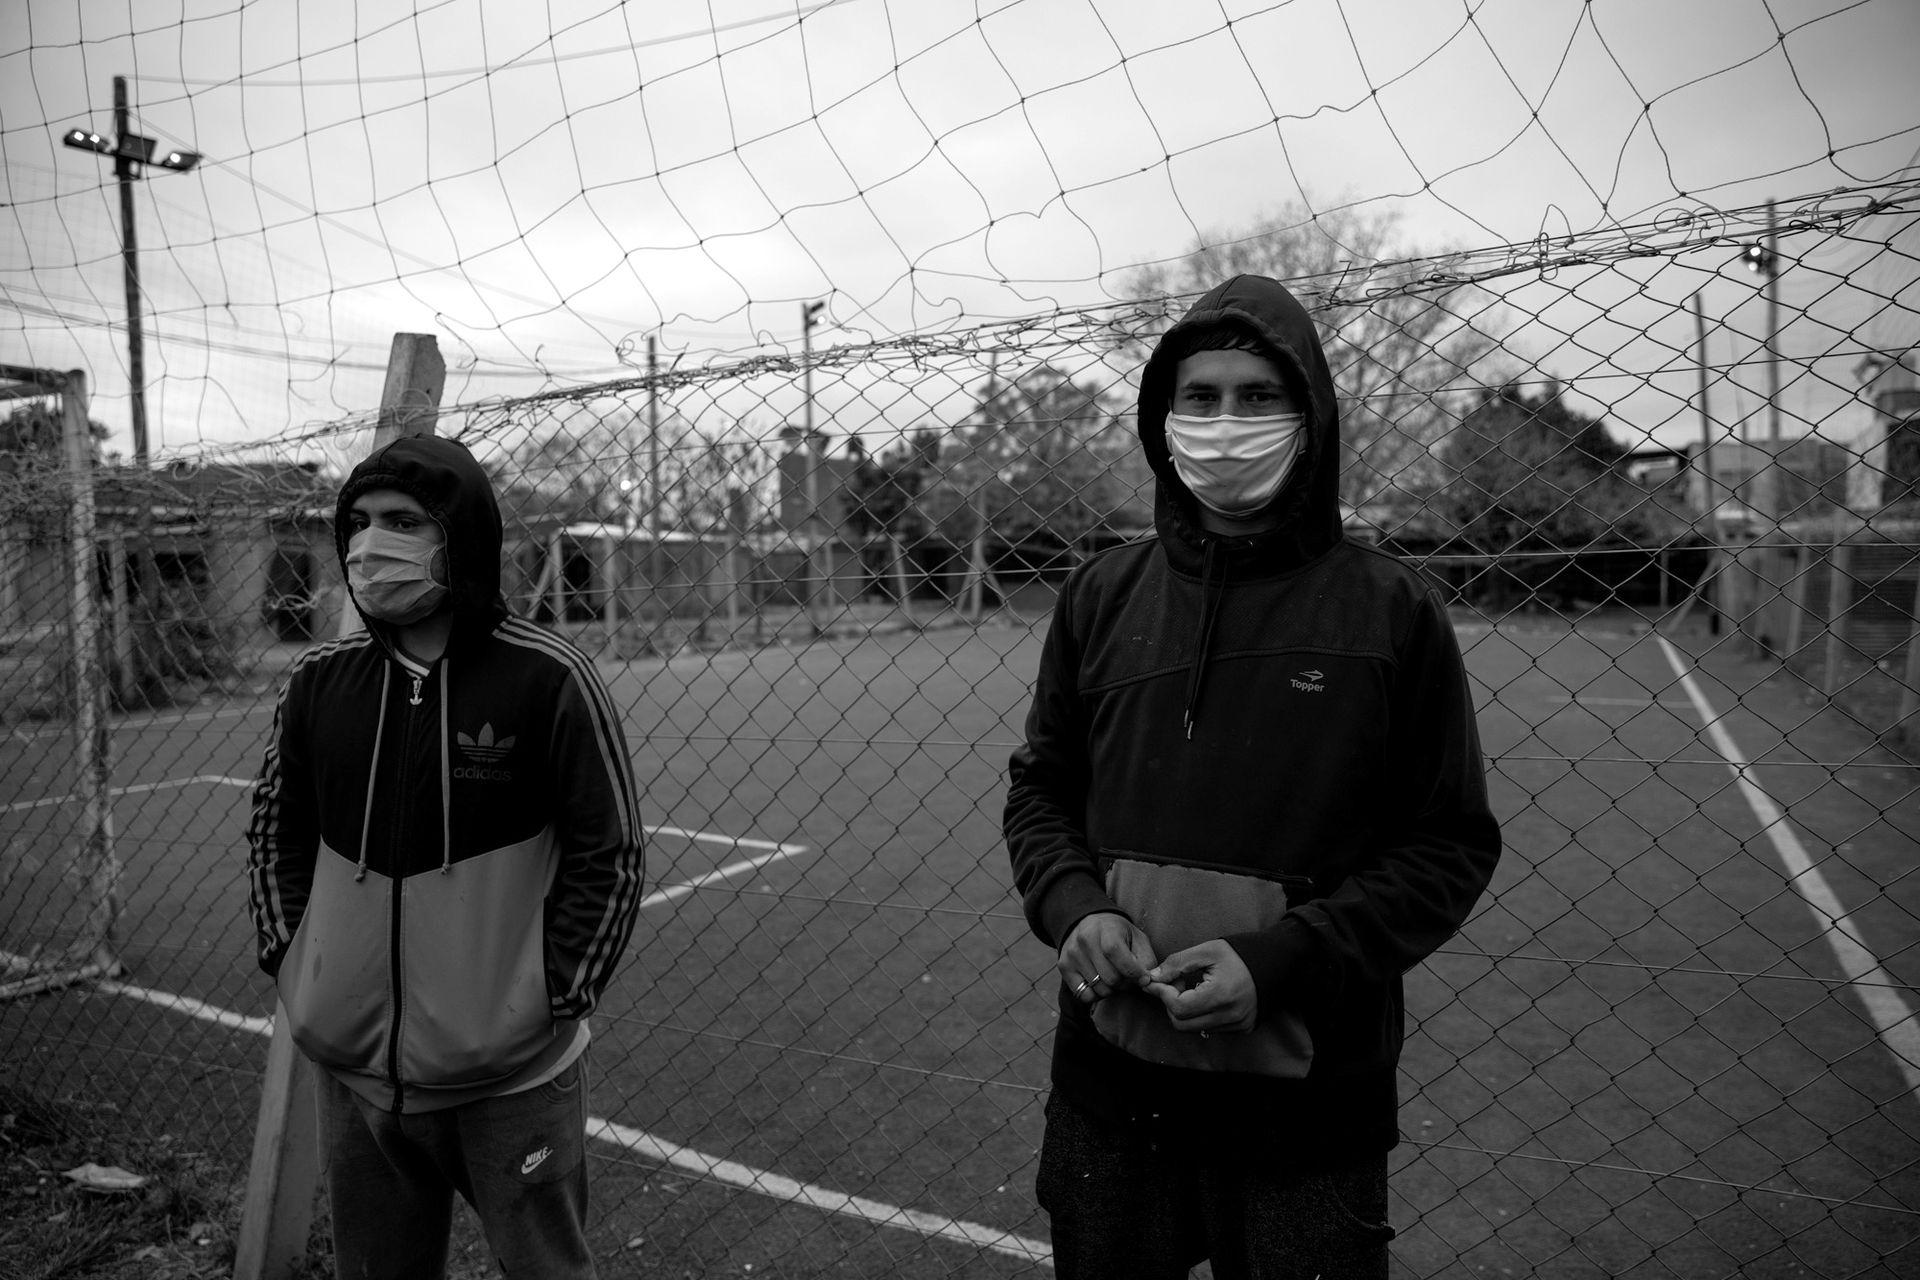 En el barrio creen que los contagios explotaron en la cancha de fútbol, porque allí nunca se respetó la cuarentena